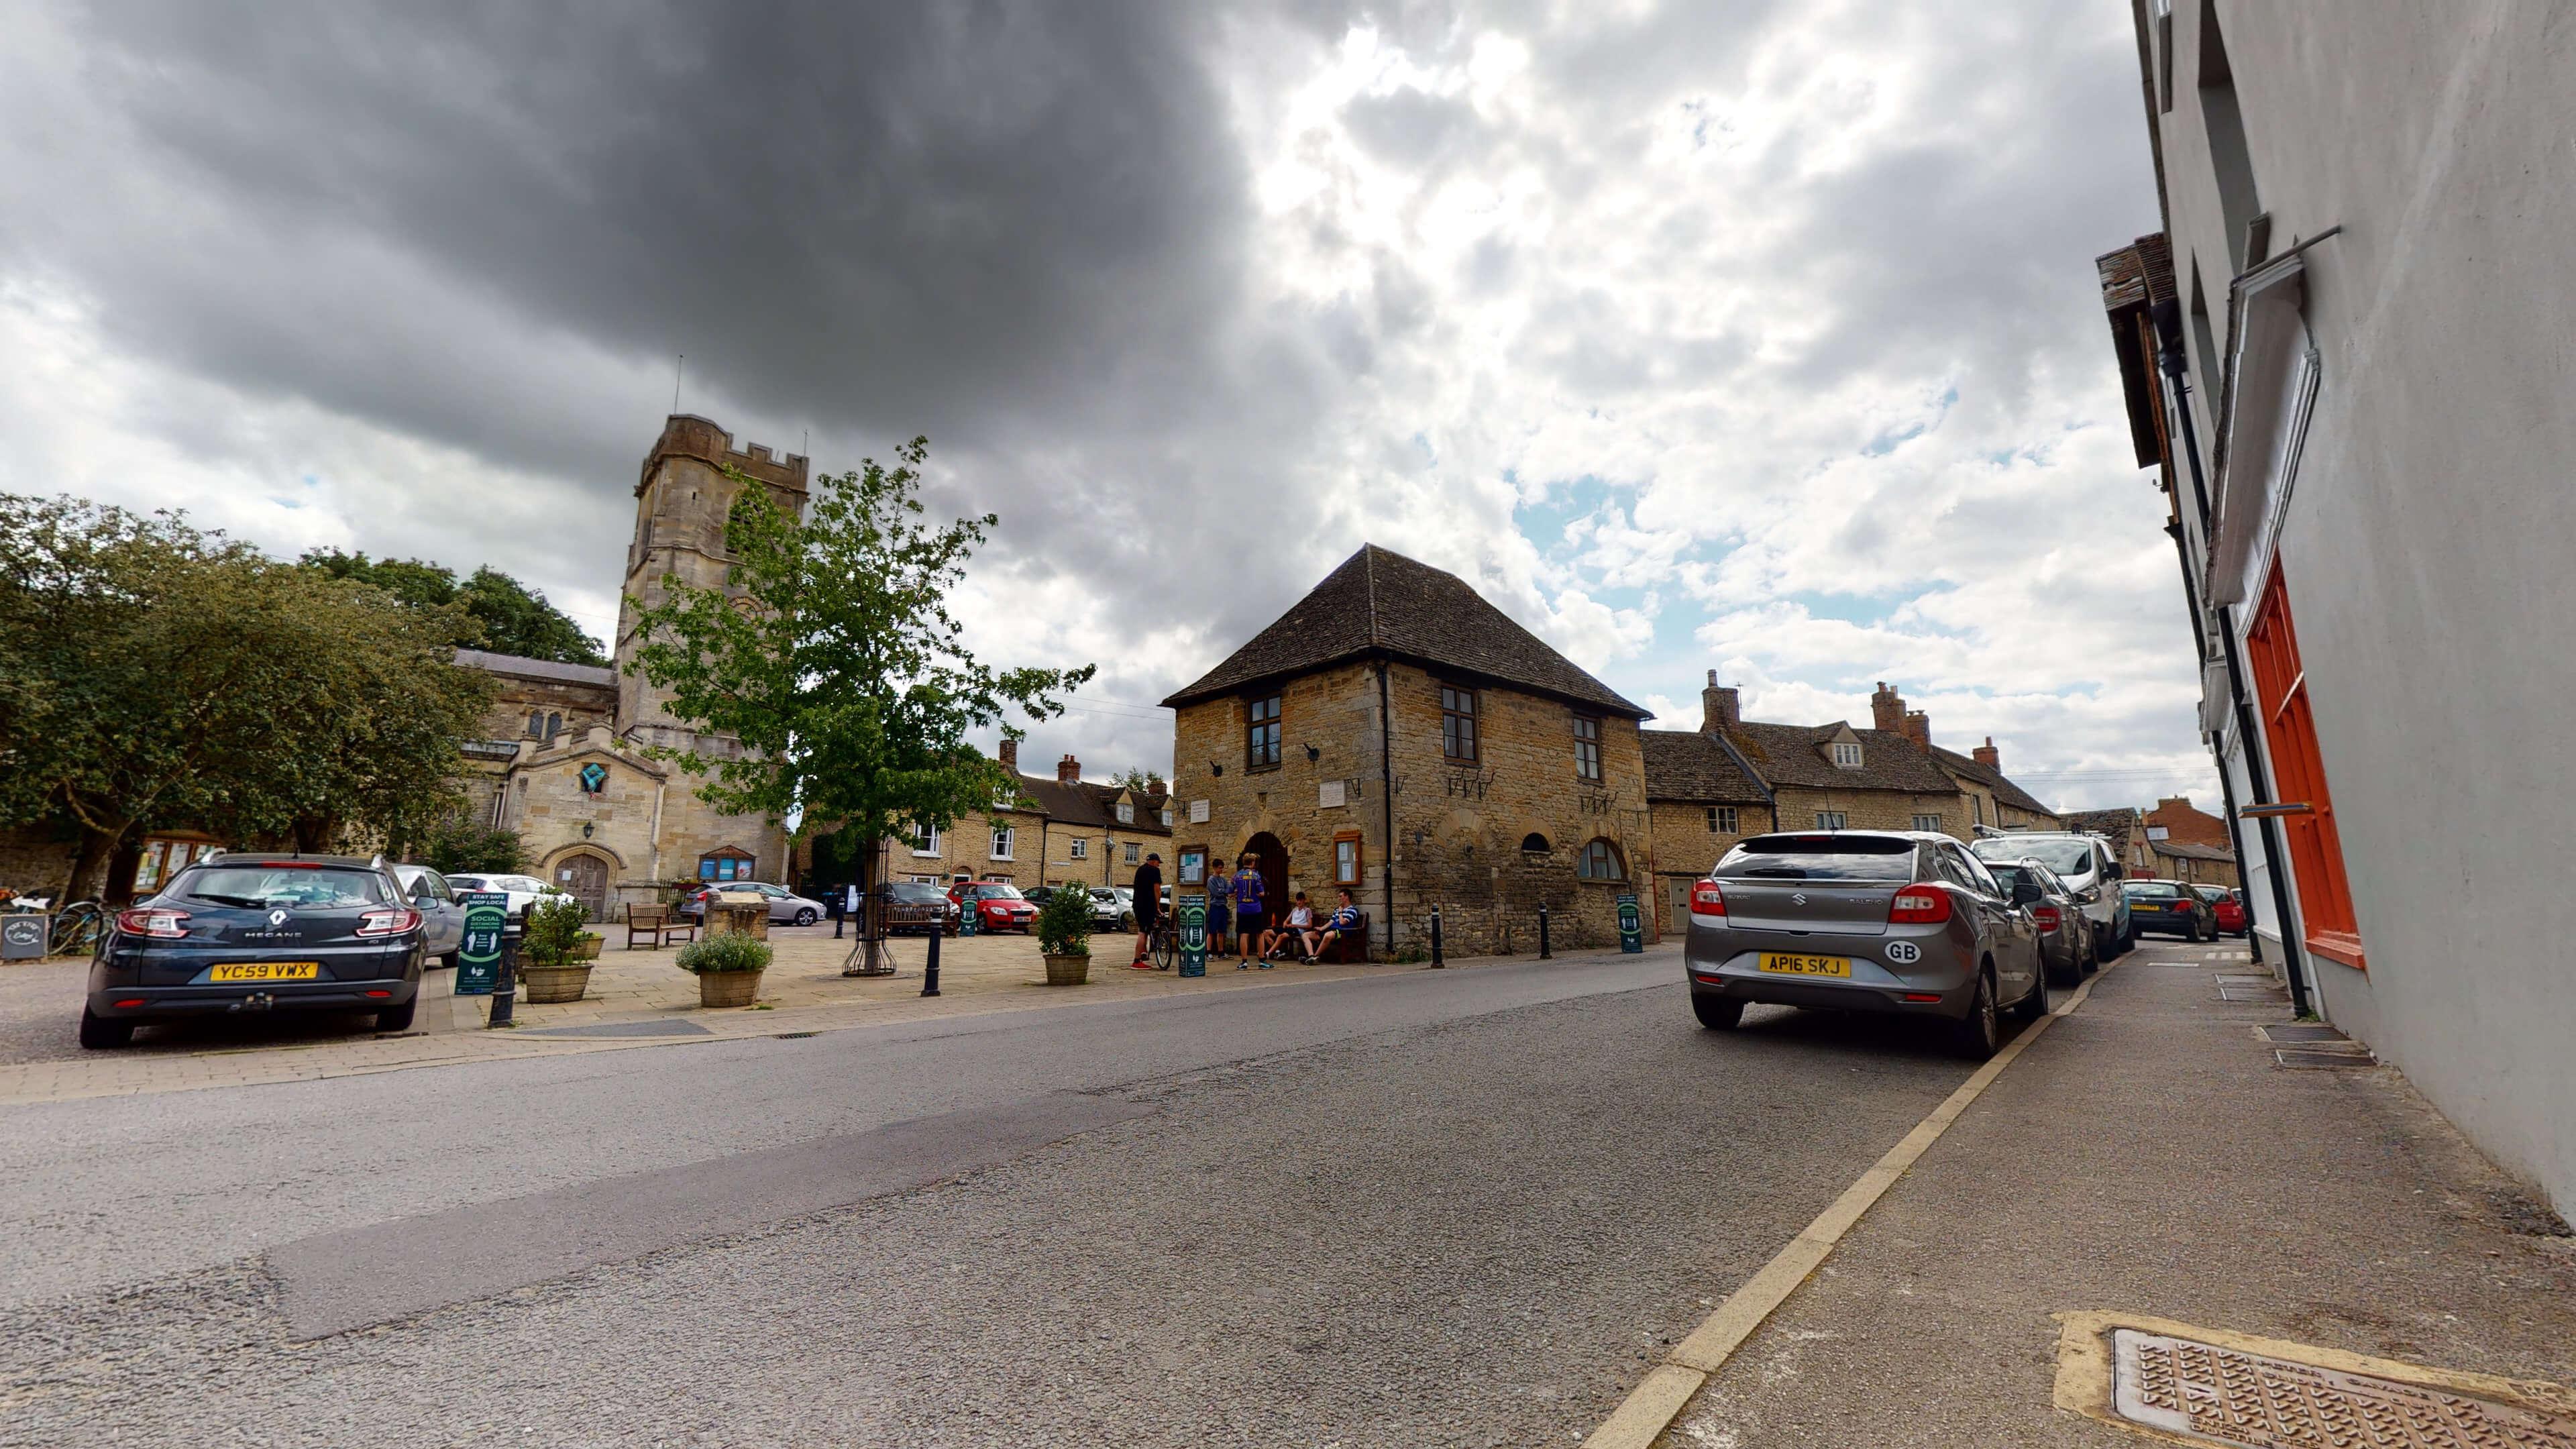 Hollycroft Eynsham View